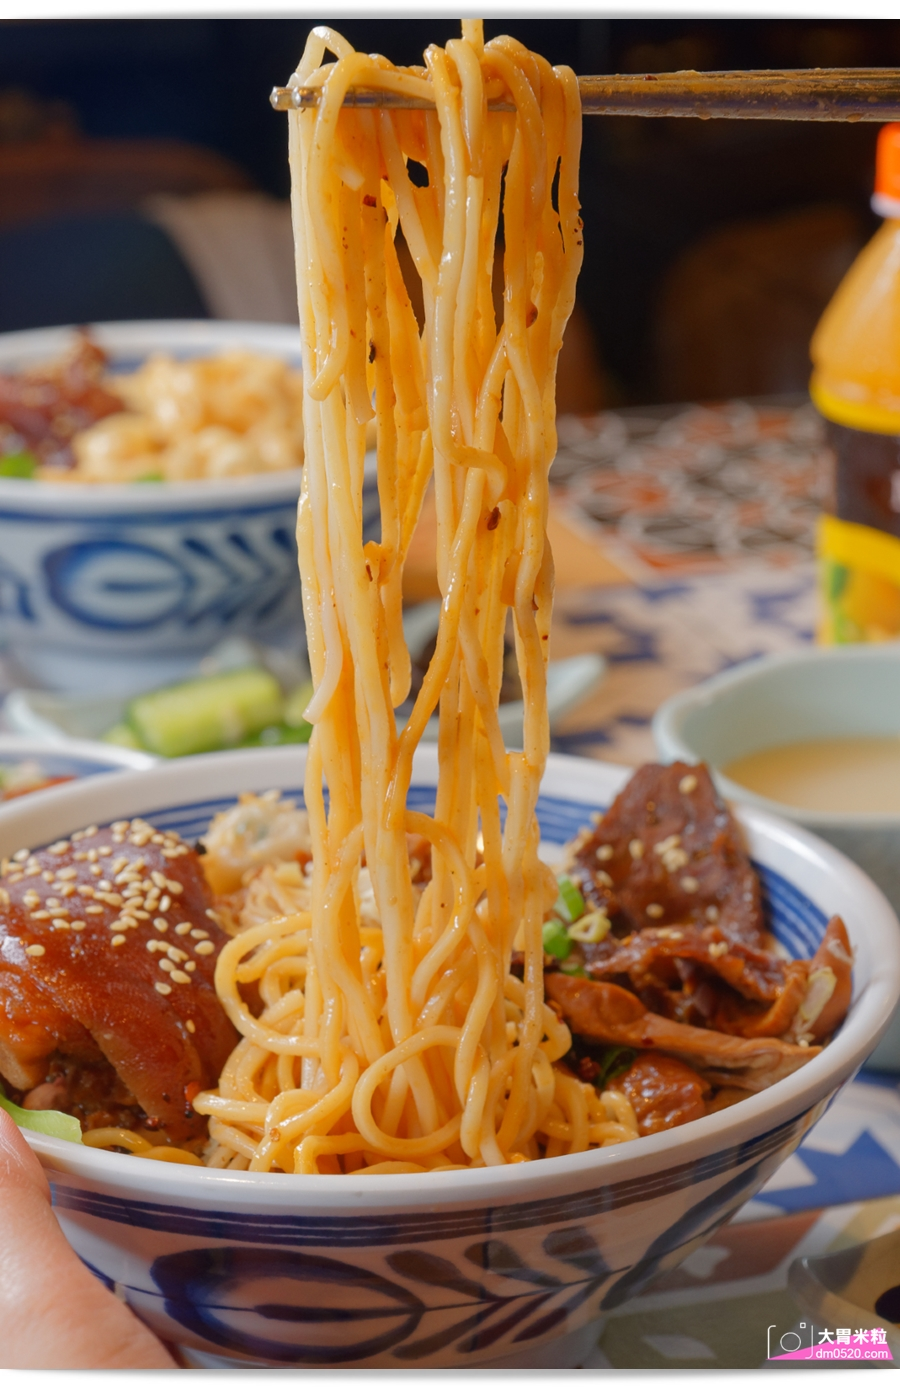 笑麵虎重慶川味麵食